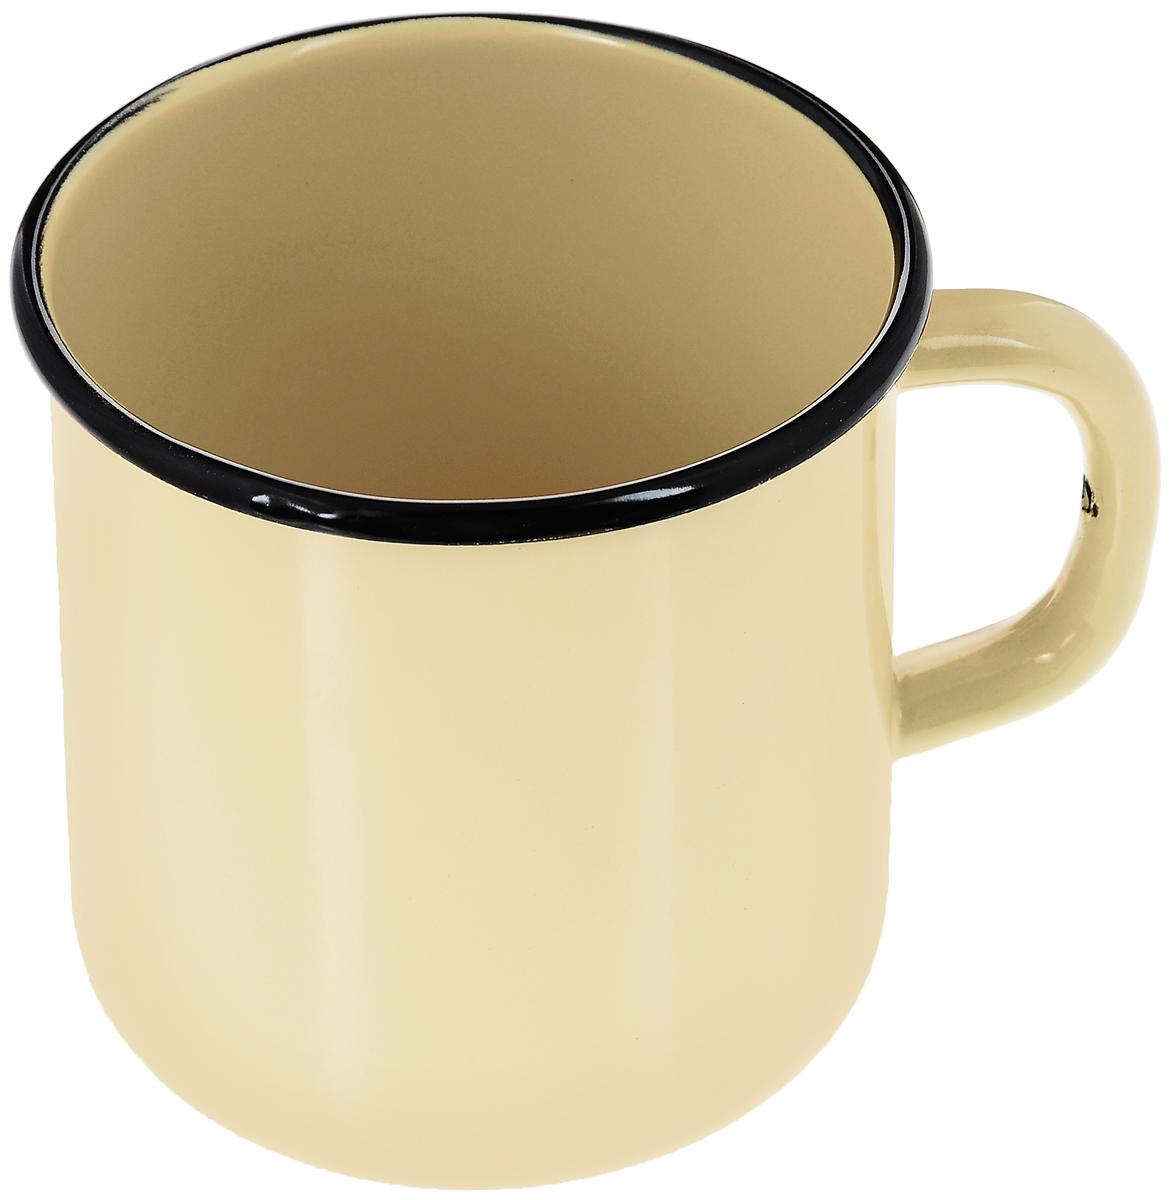 Кружка эмалированная СтальЭмаль, цвет: желтый, 1 л кружка стальэмаль 1 л с рисунком